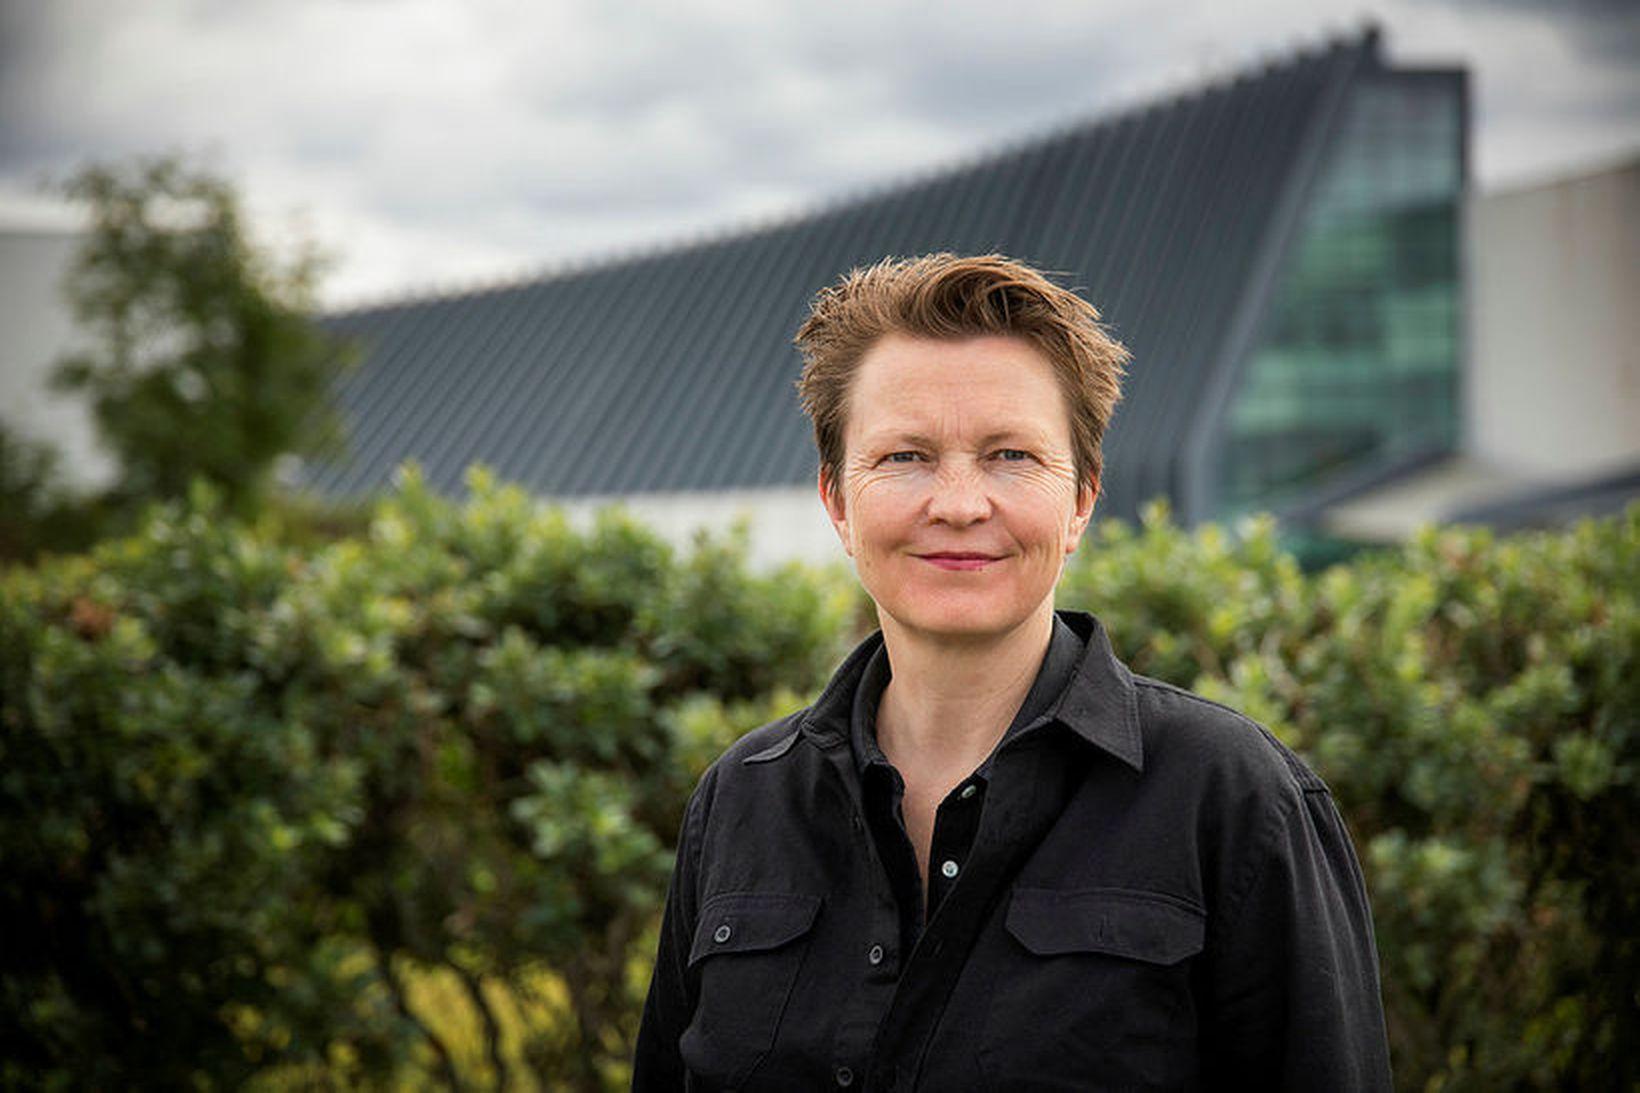 Ásta Kristjana Sveinsdóttir